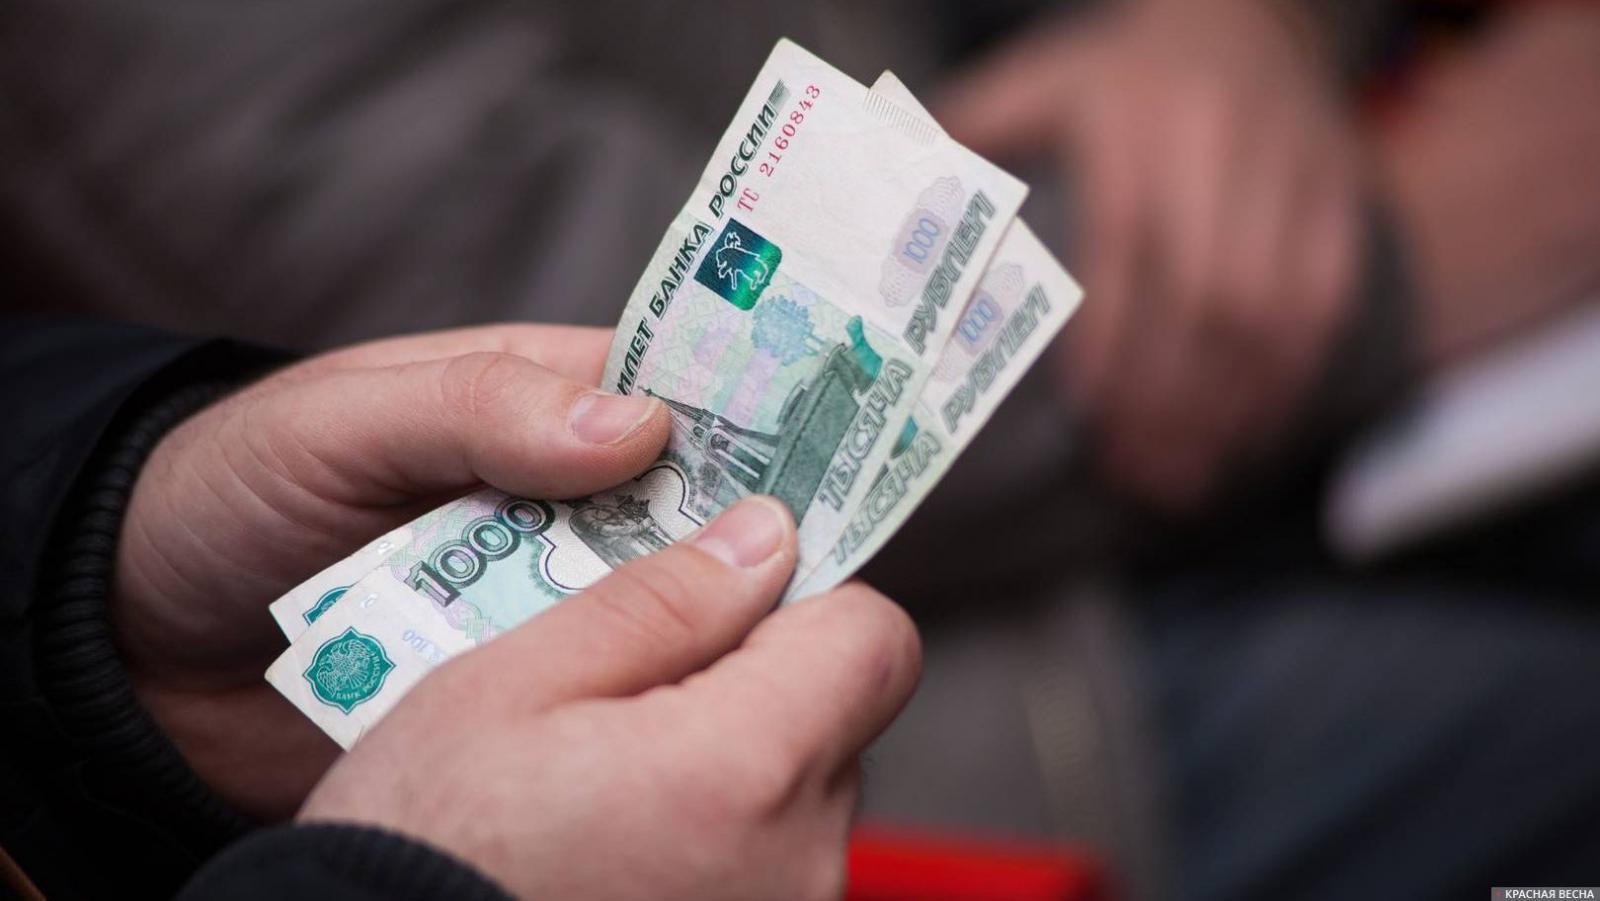 В Брянской области услуги ЖКХ обходятся дешевле, чем в соседних регионах